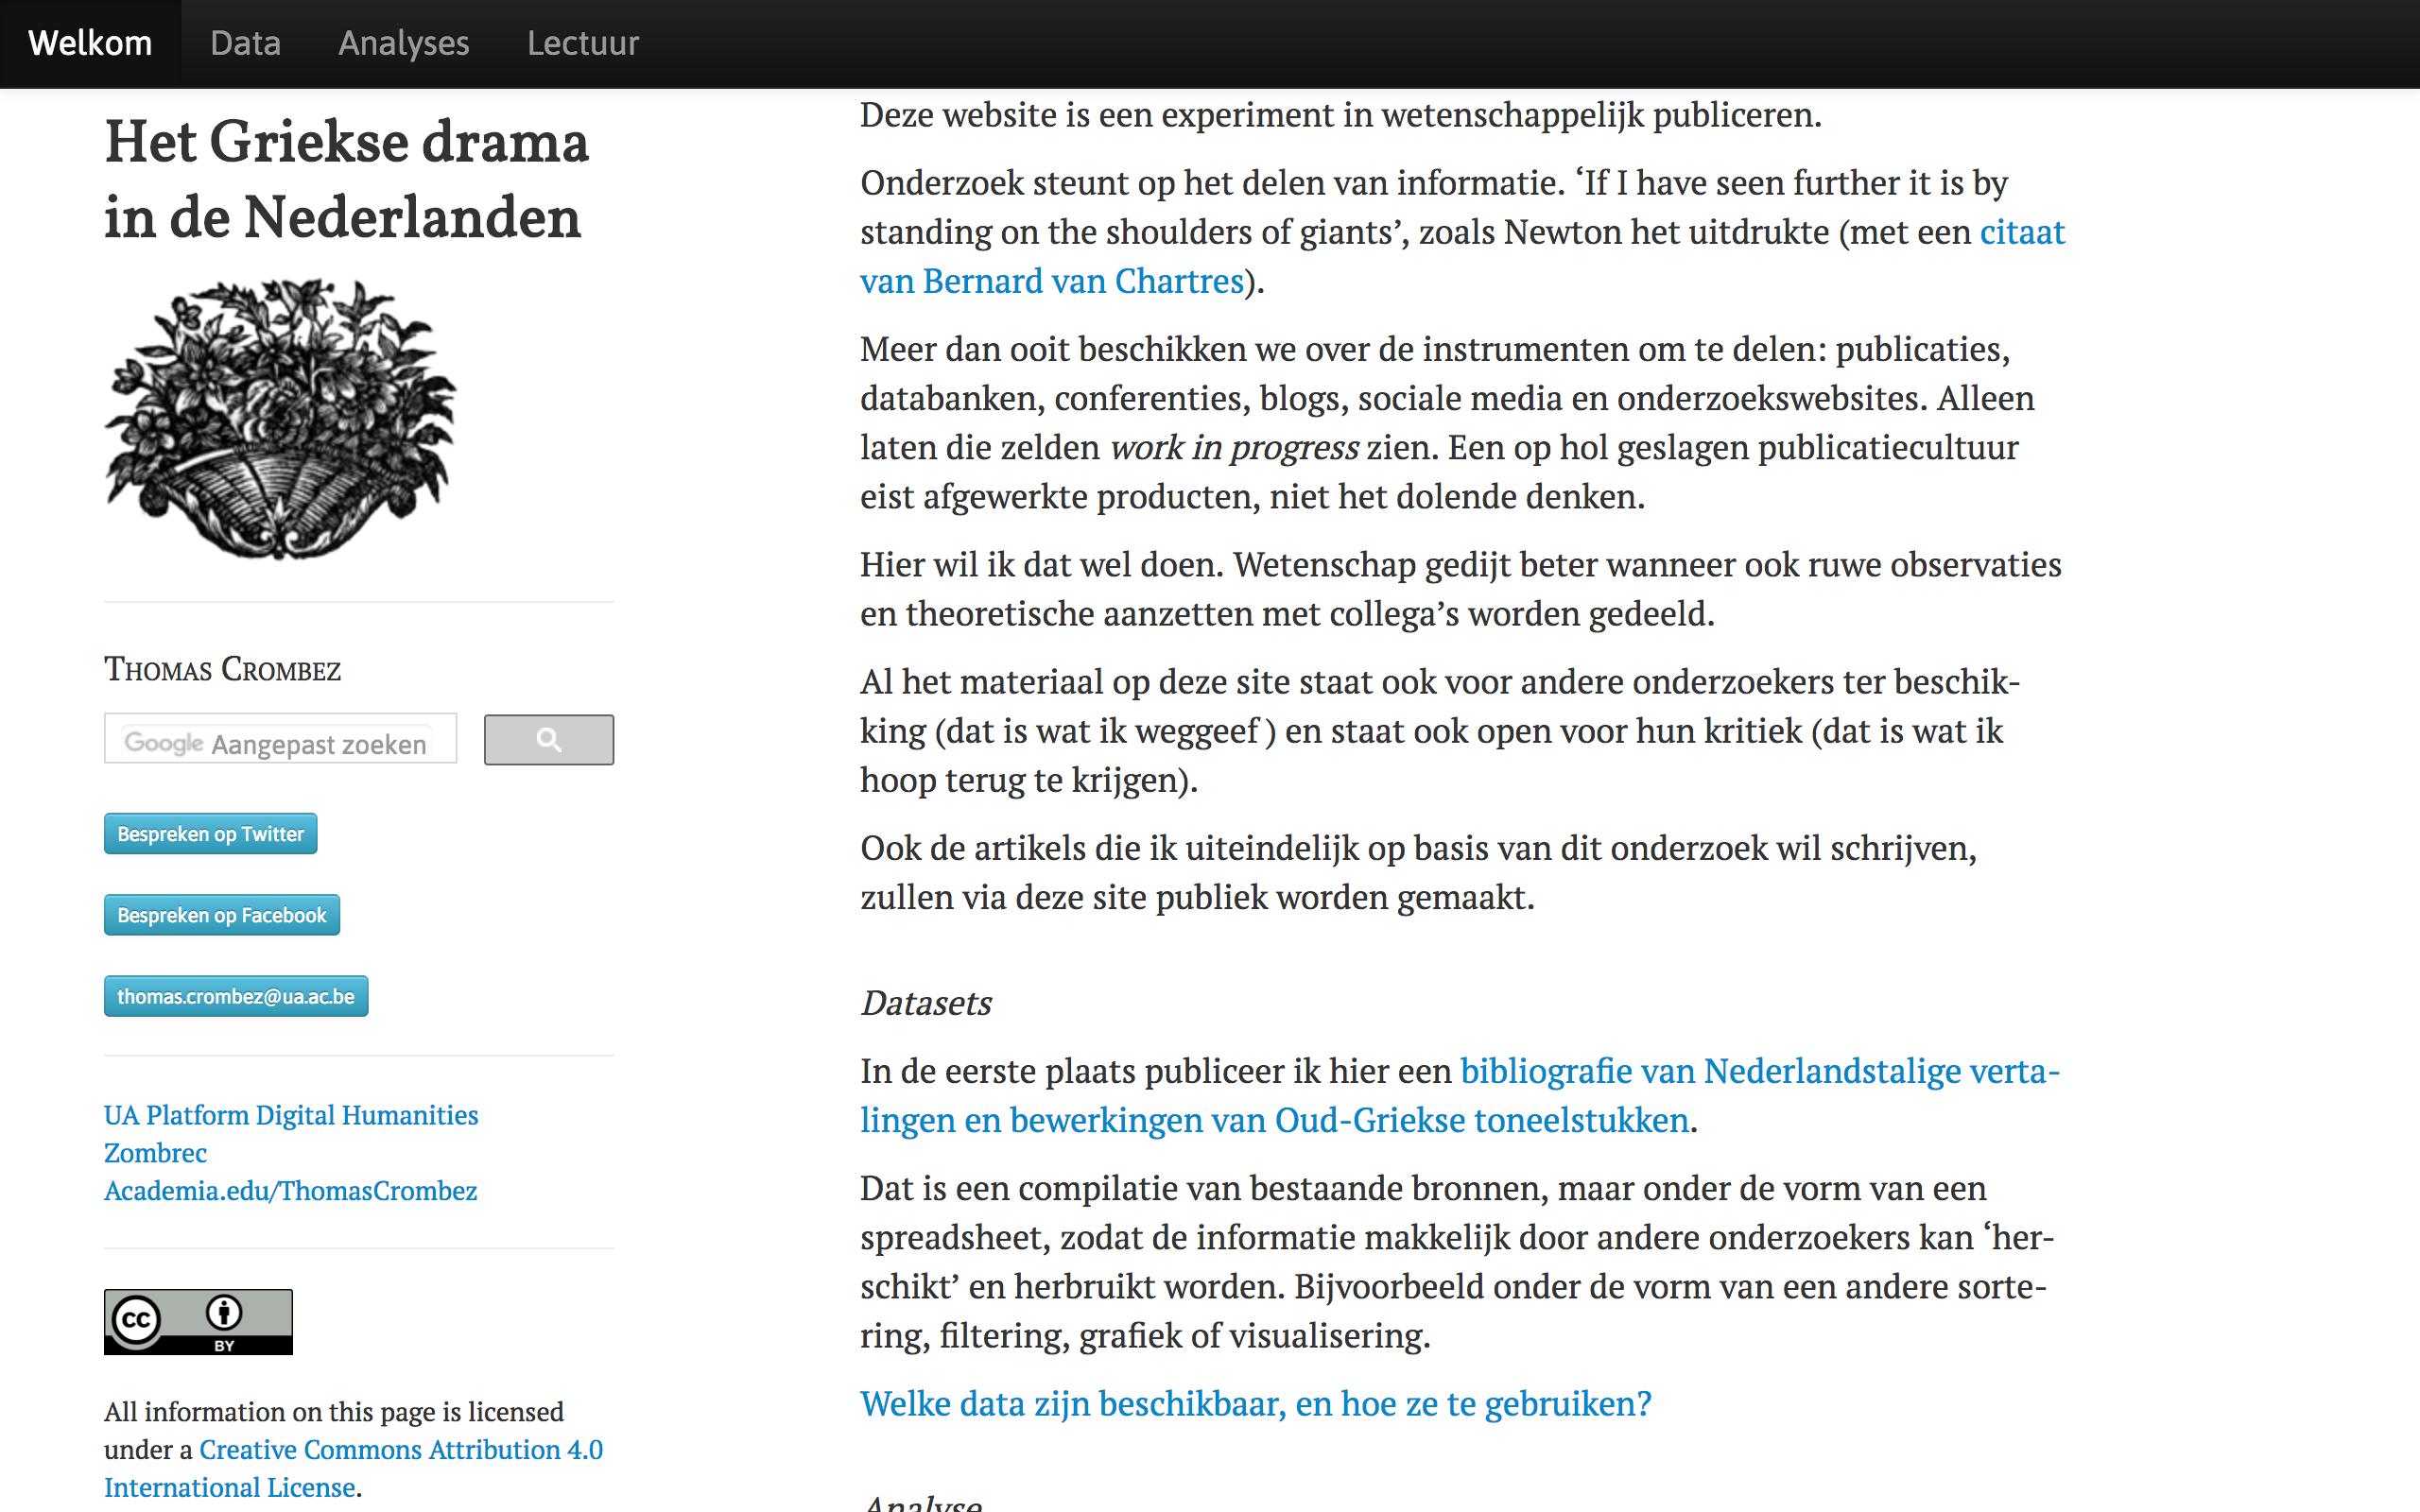 Het Griekse Drama van de Nederlanden